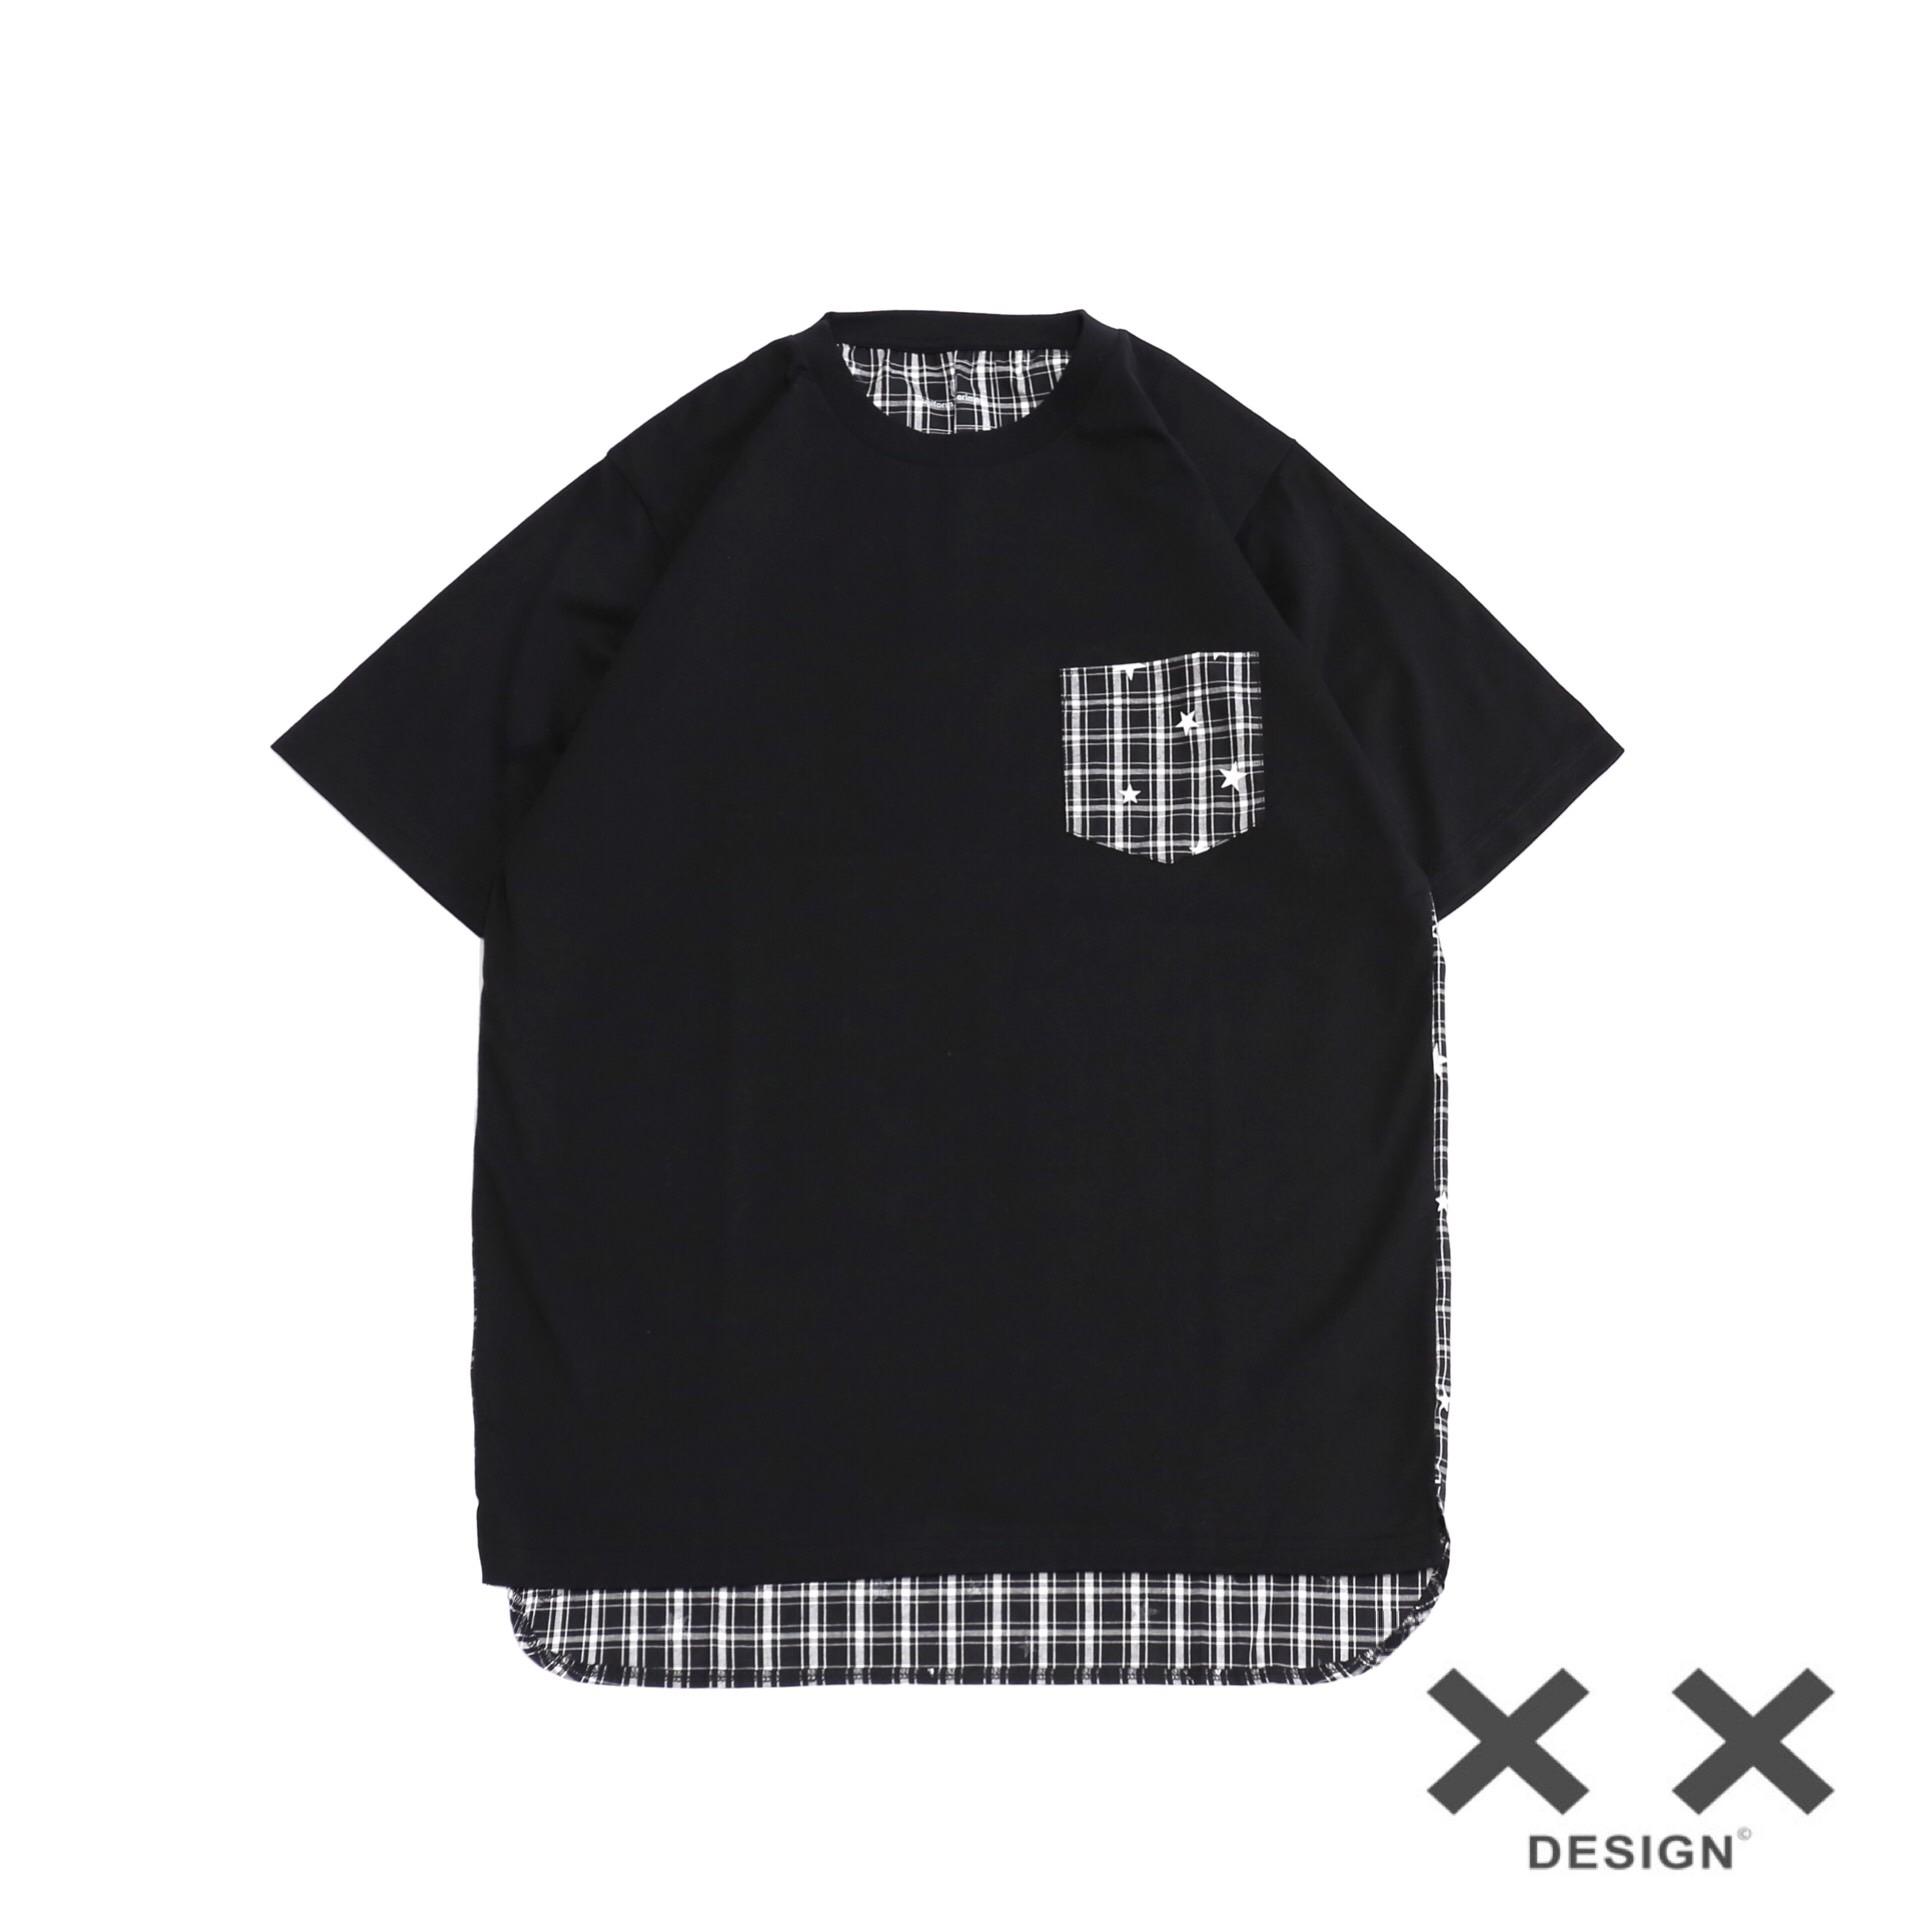 现货 UNIFOEM EXPERIMENT BACK PANEL POCKET TEE  口袋T恤 UE